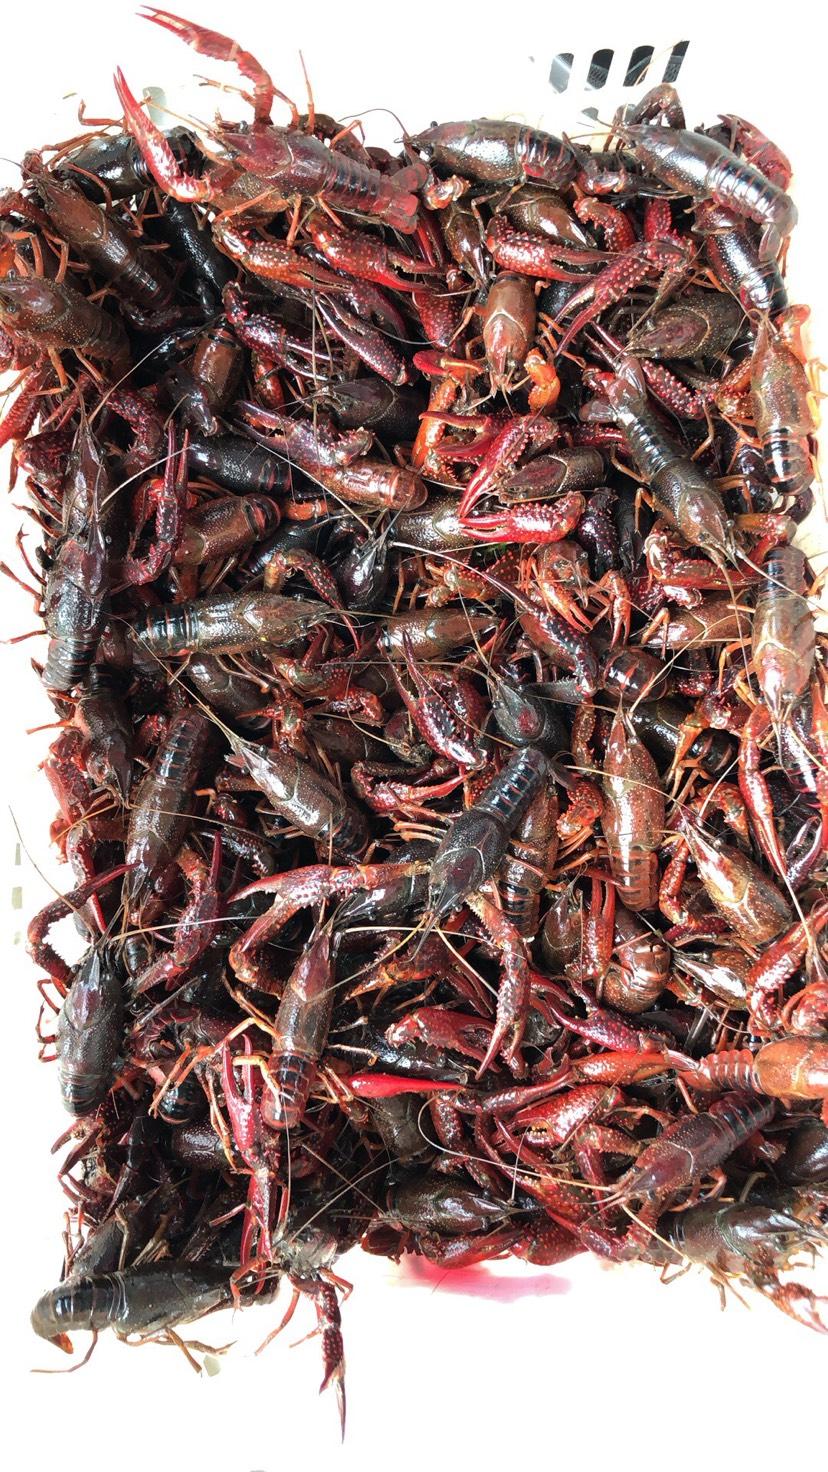 潜江小龙虾 234规格的小青小红全部自己和周边伯伯一起养的虾